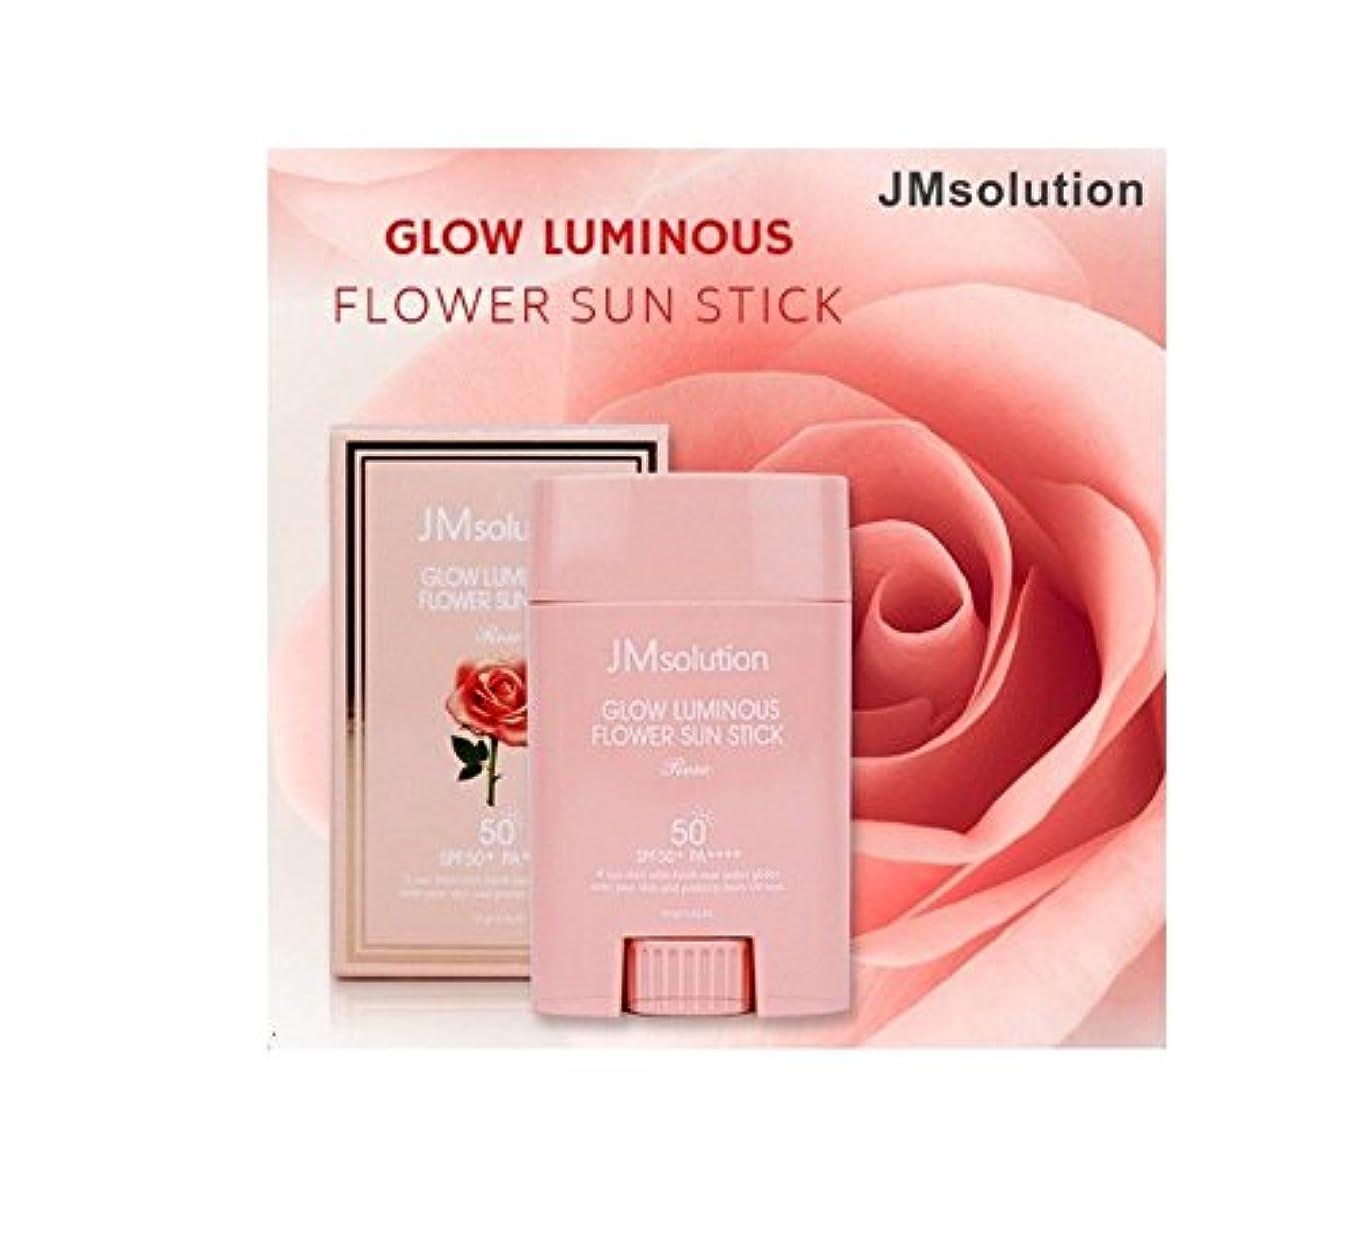 テメリティ機械的冷淡なJM Solution Glow Luminous Flower Sun Stick Rose 21g (spf50 PA) 光る輝く花Sun Stick Rose